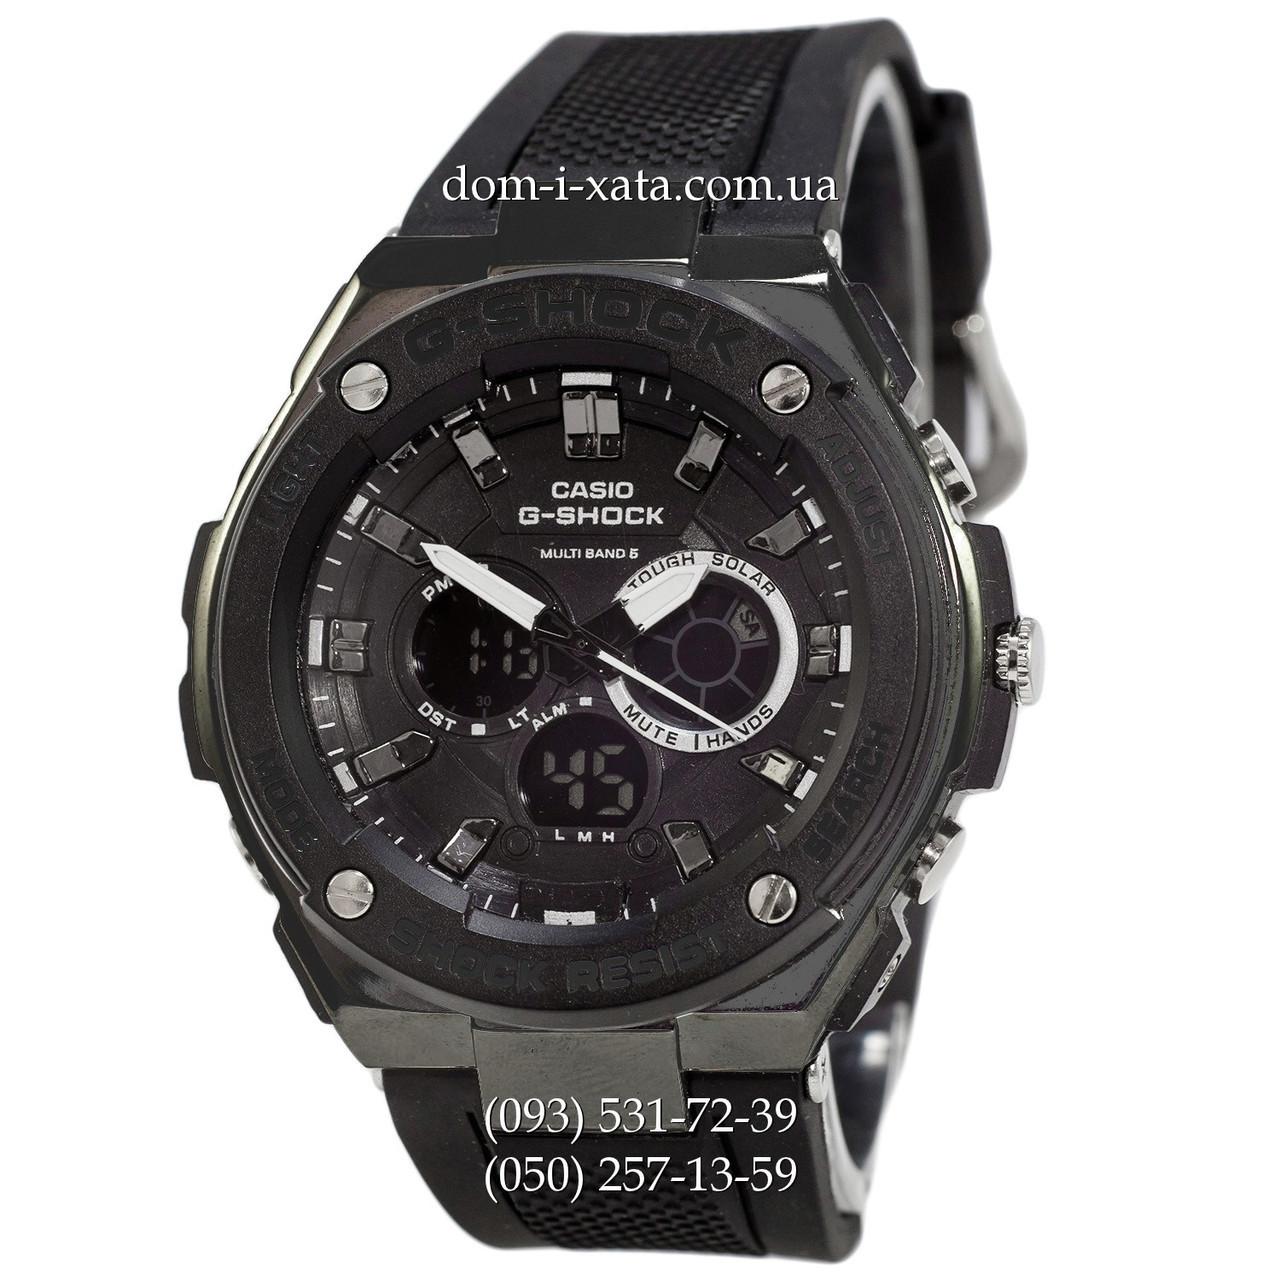 Электронные часы Casio G-Shock GST-210 All Black, спортивные часы Джи Шок черный, реплика, отличное качество!